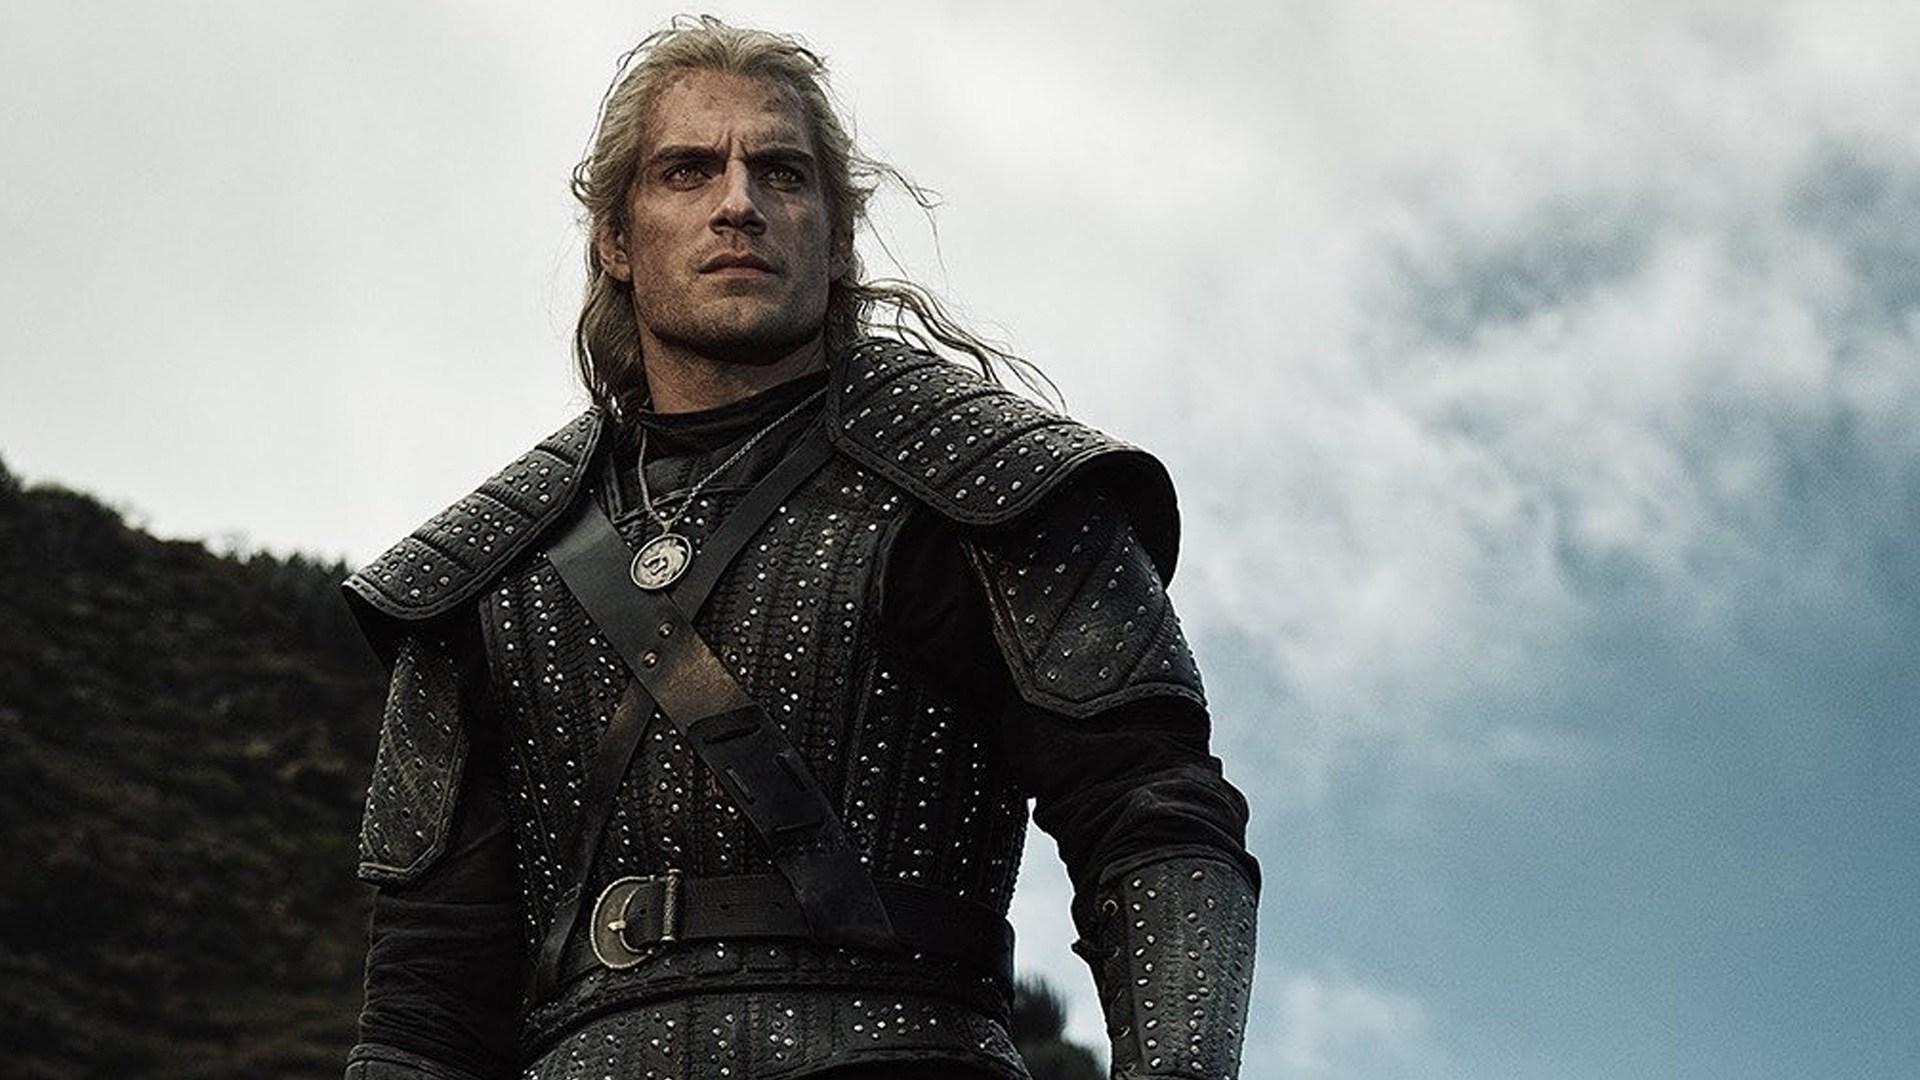 The Witcher | Elemento criticado na série não estará presente na 2ª temporada